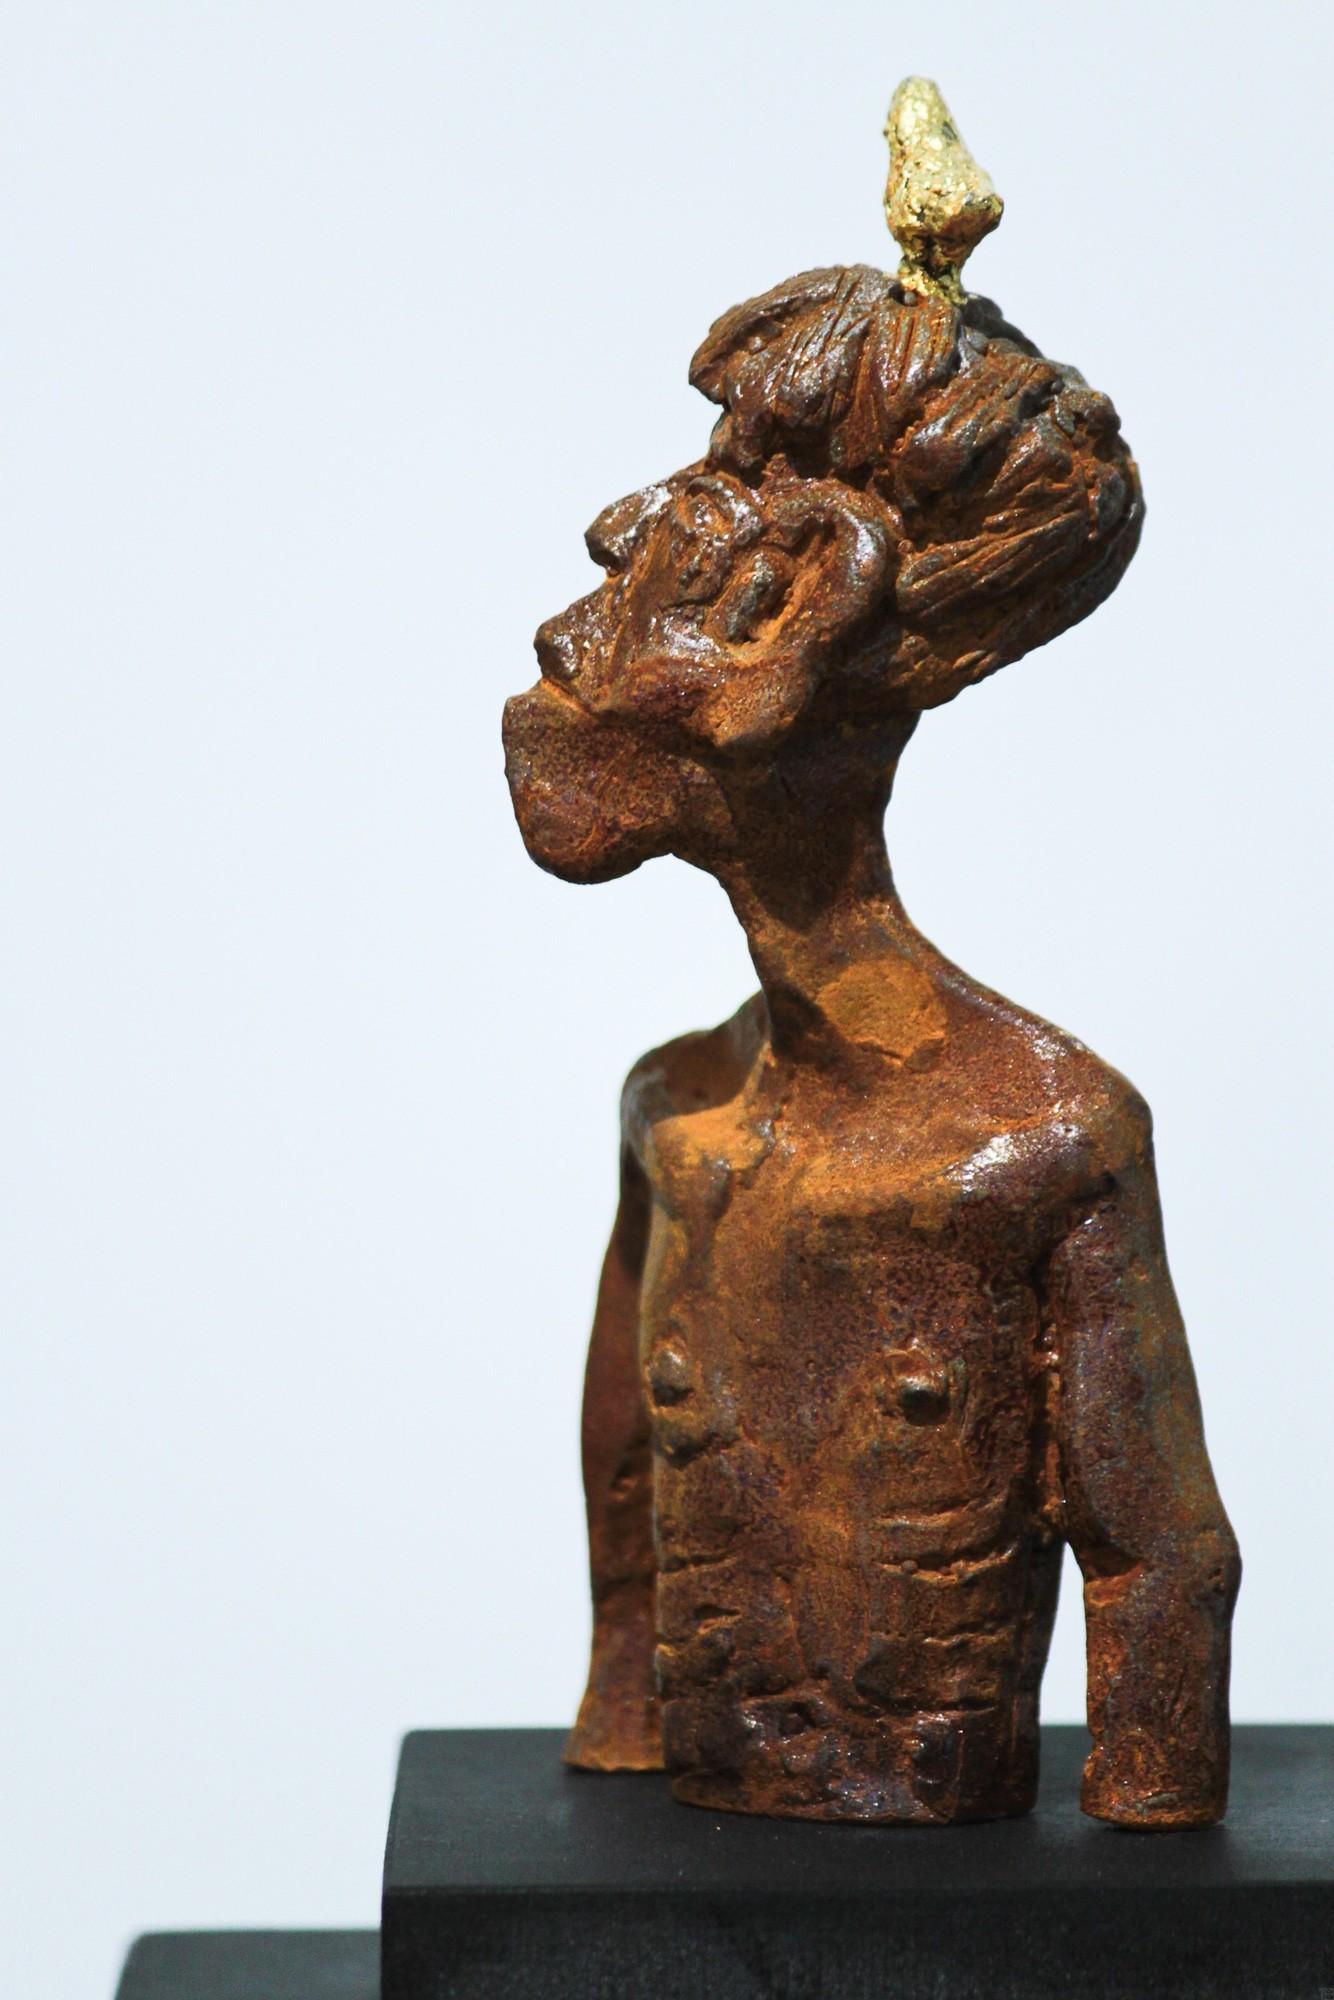 Nesthocker - Eisen Plastik mit Blattgold, Skulptur von Tim David Trillsam, Edition (3)